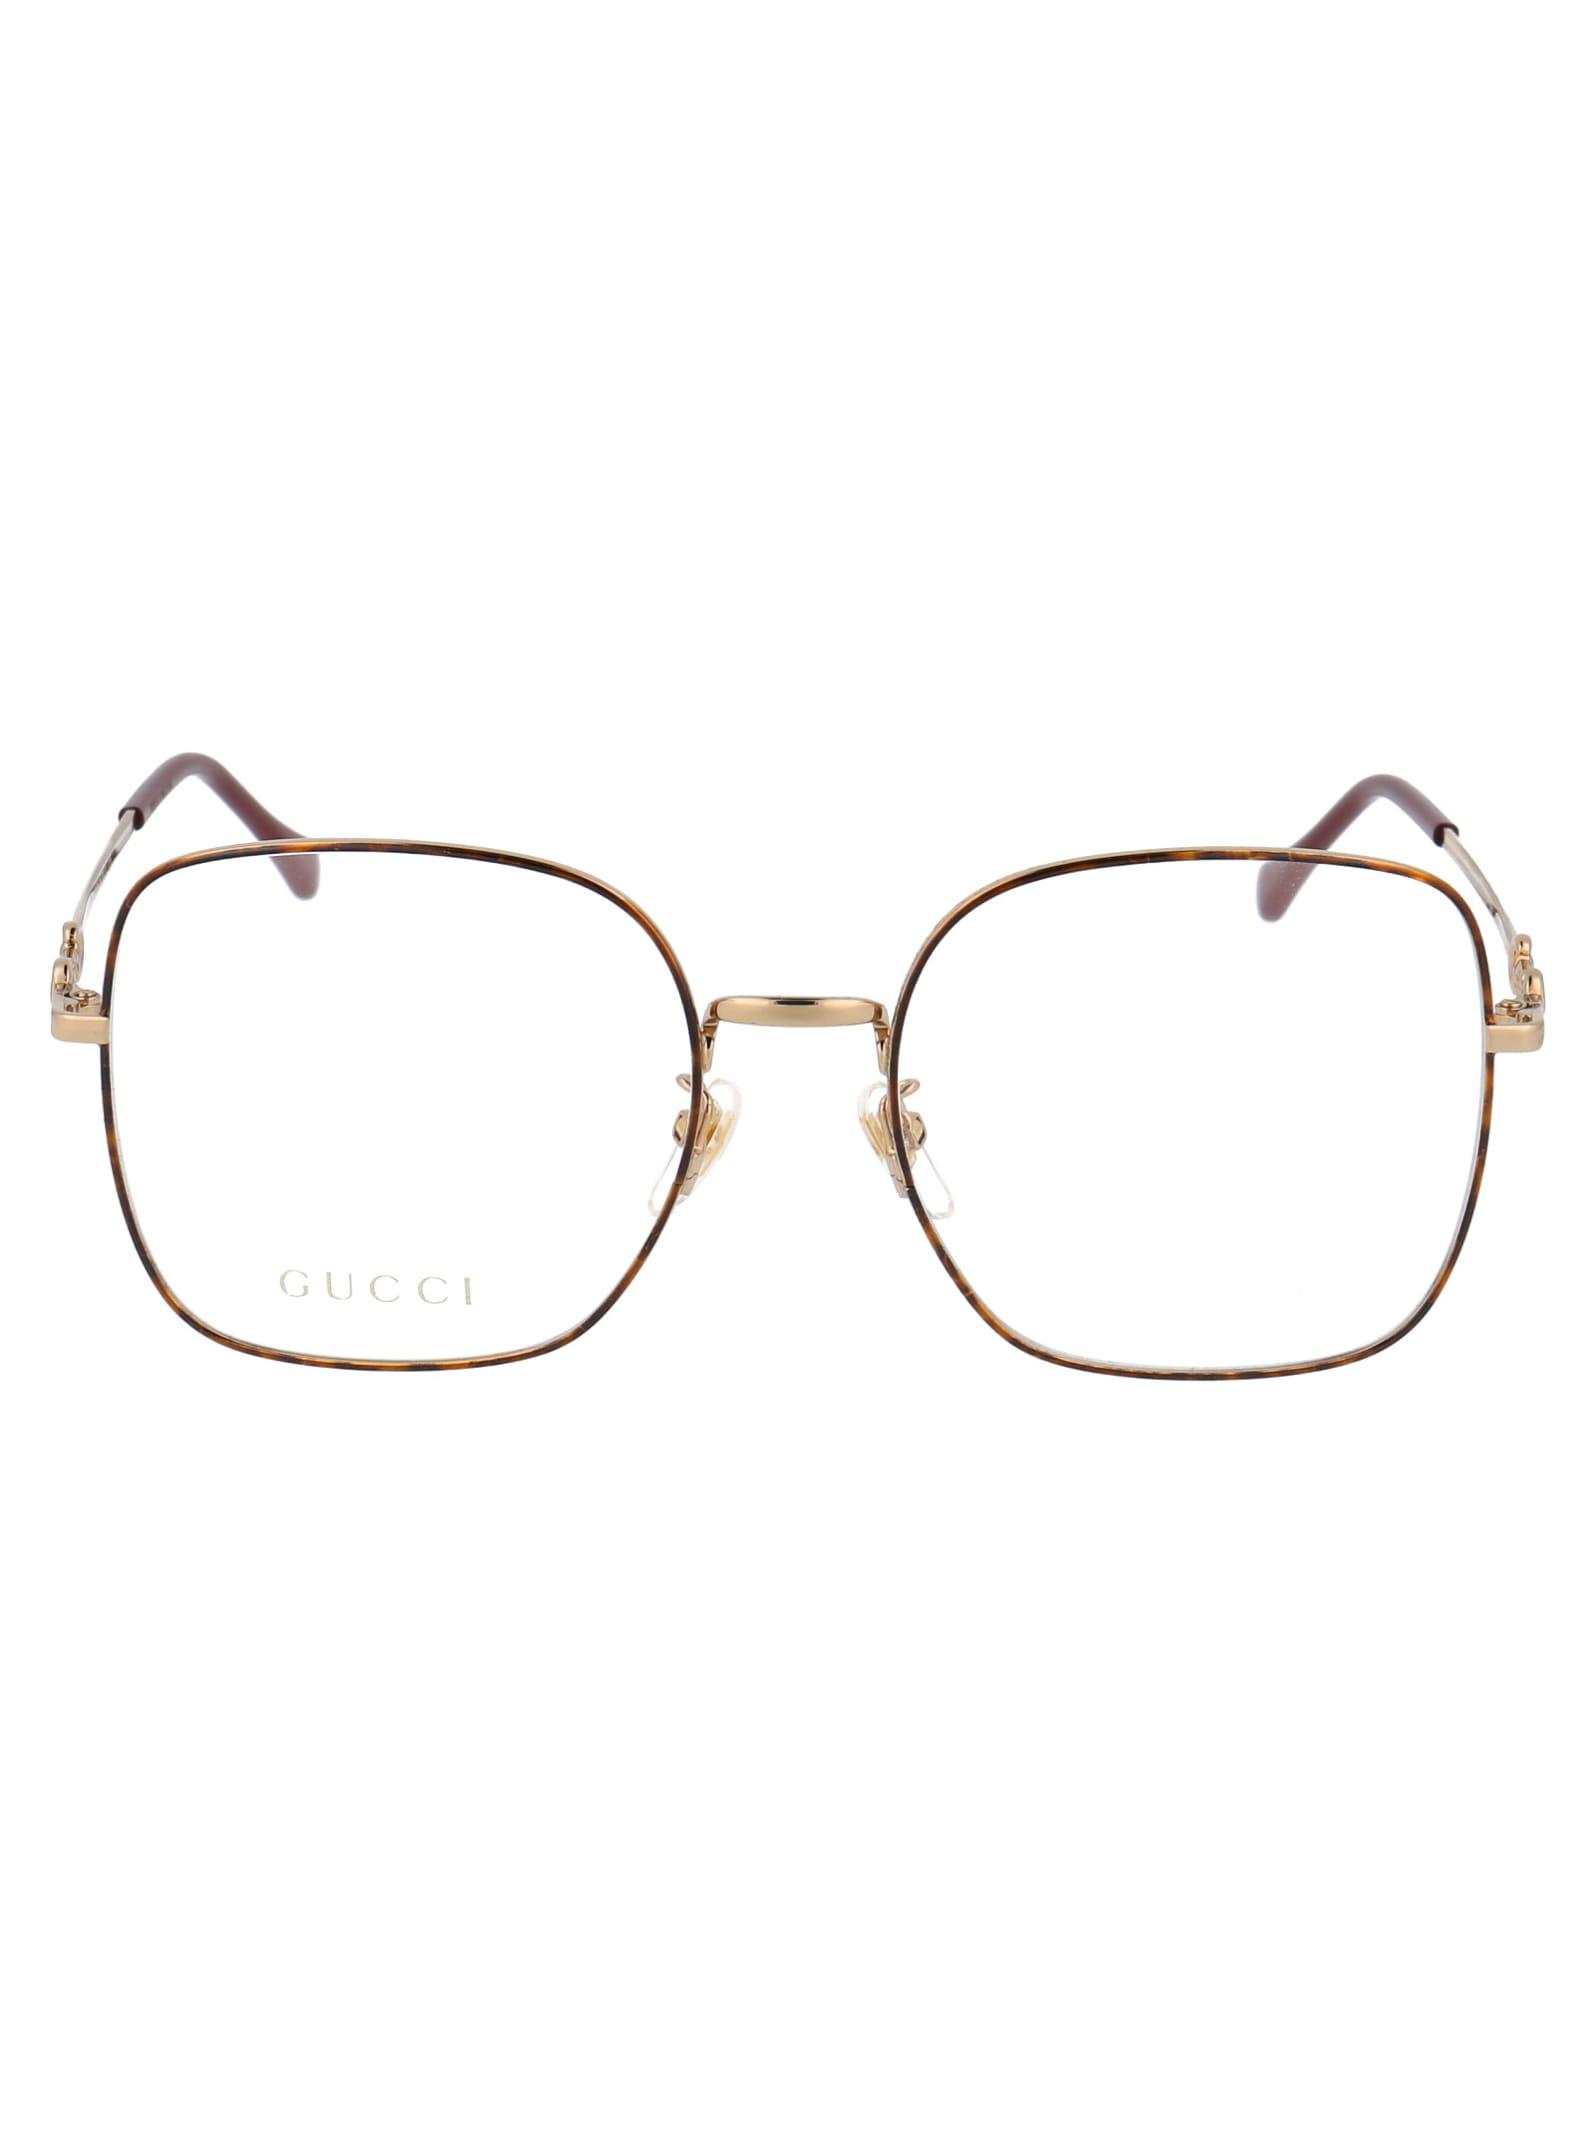 Gucci GG0883OA GLASSES